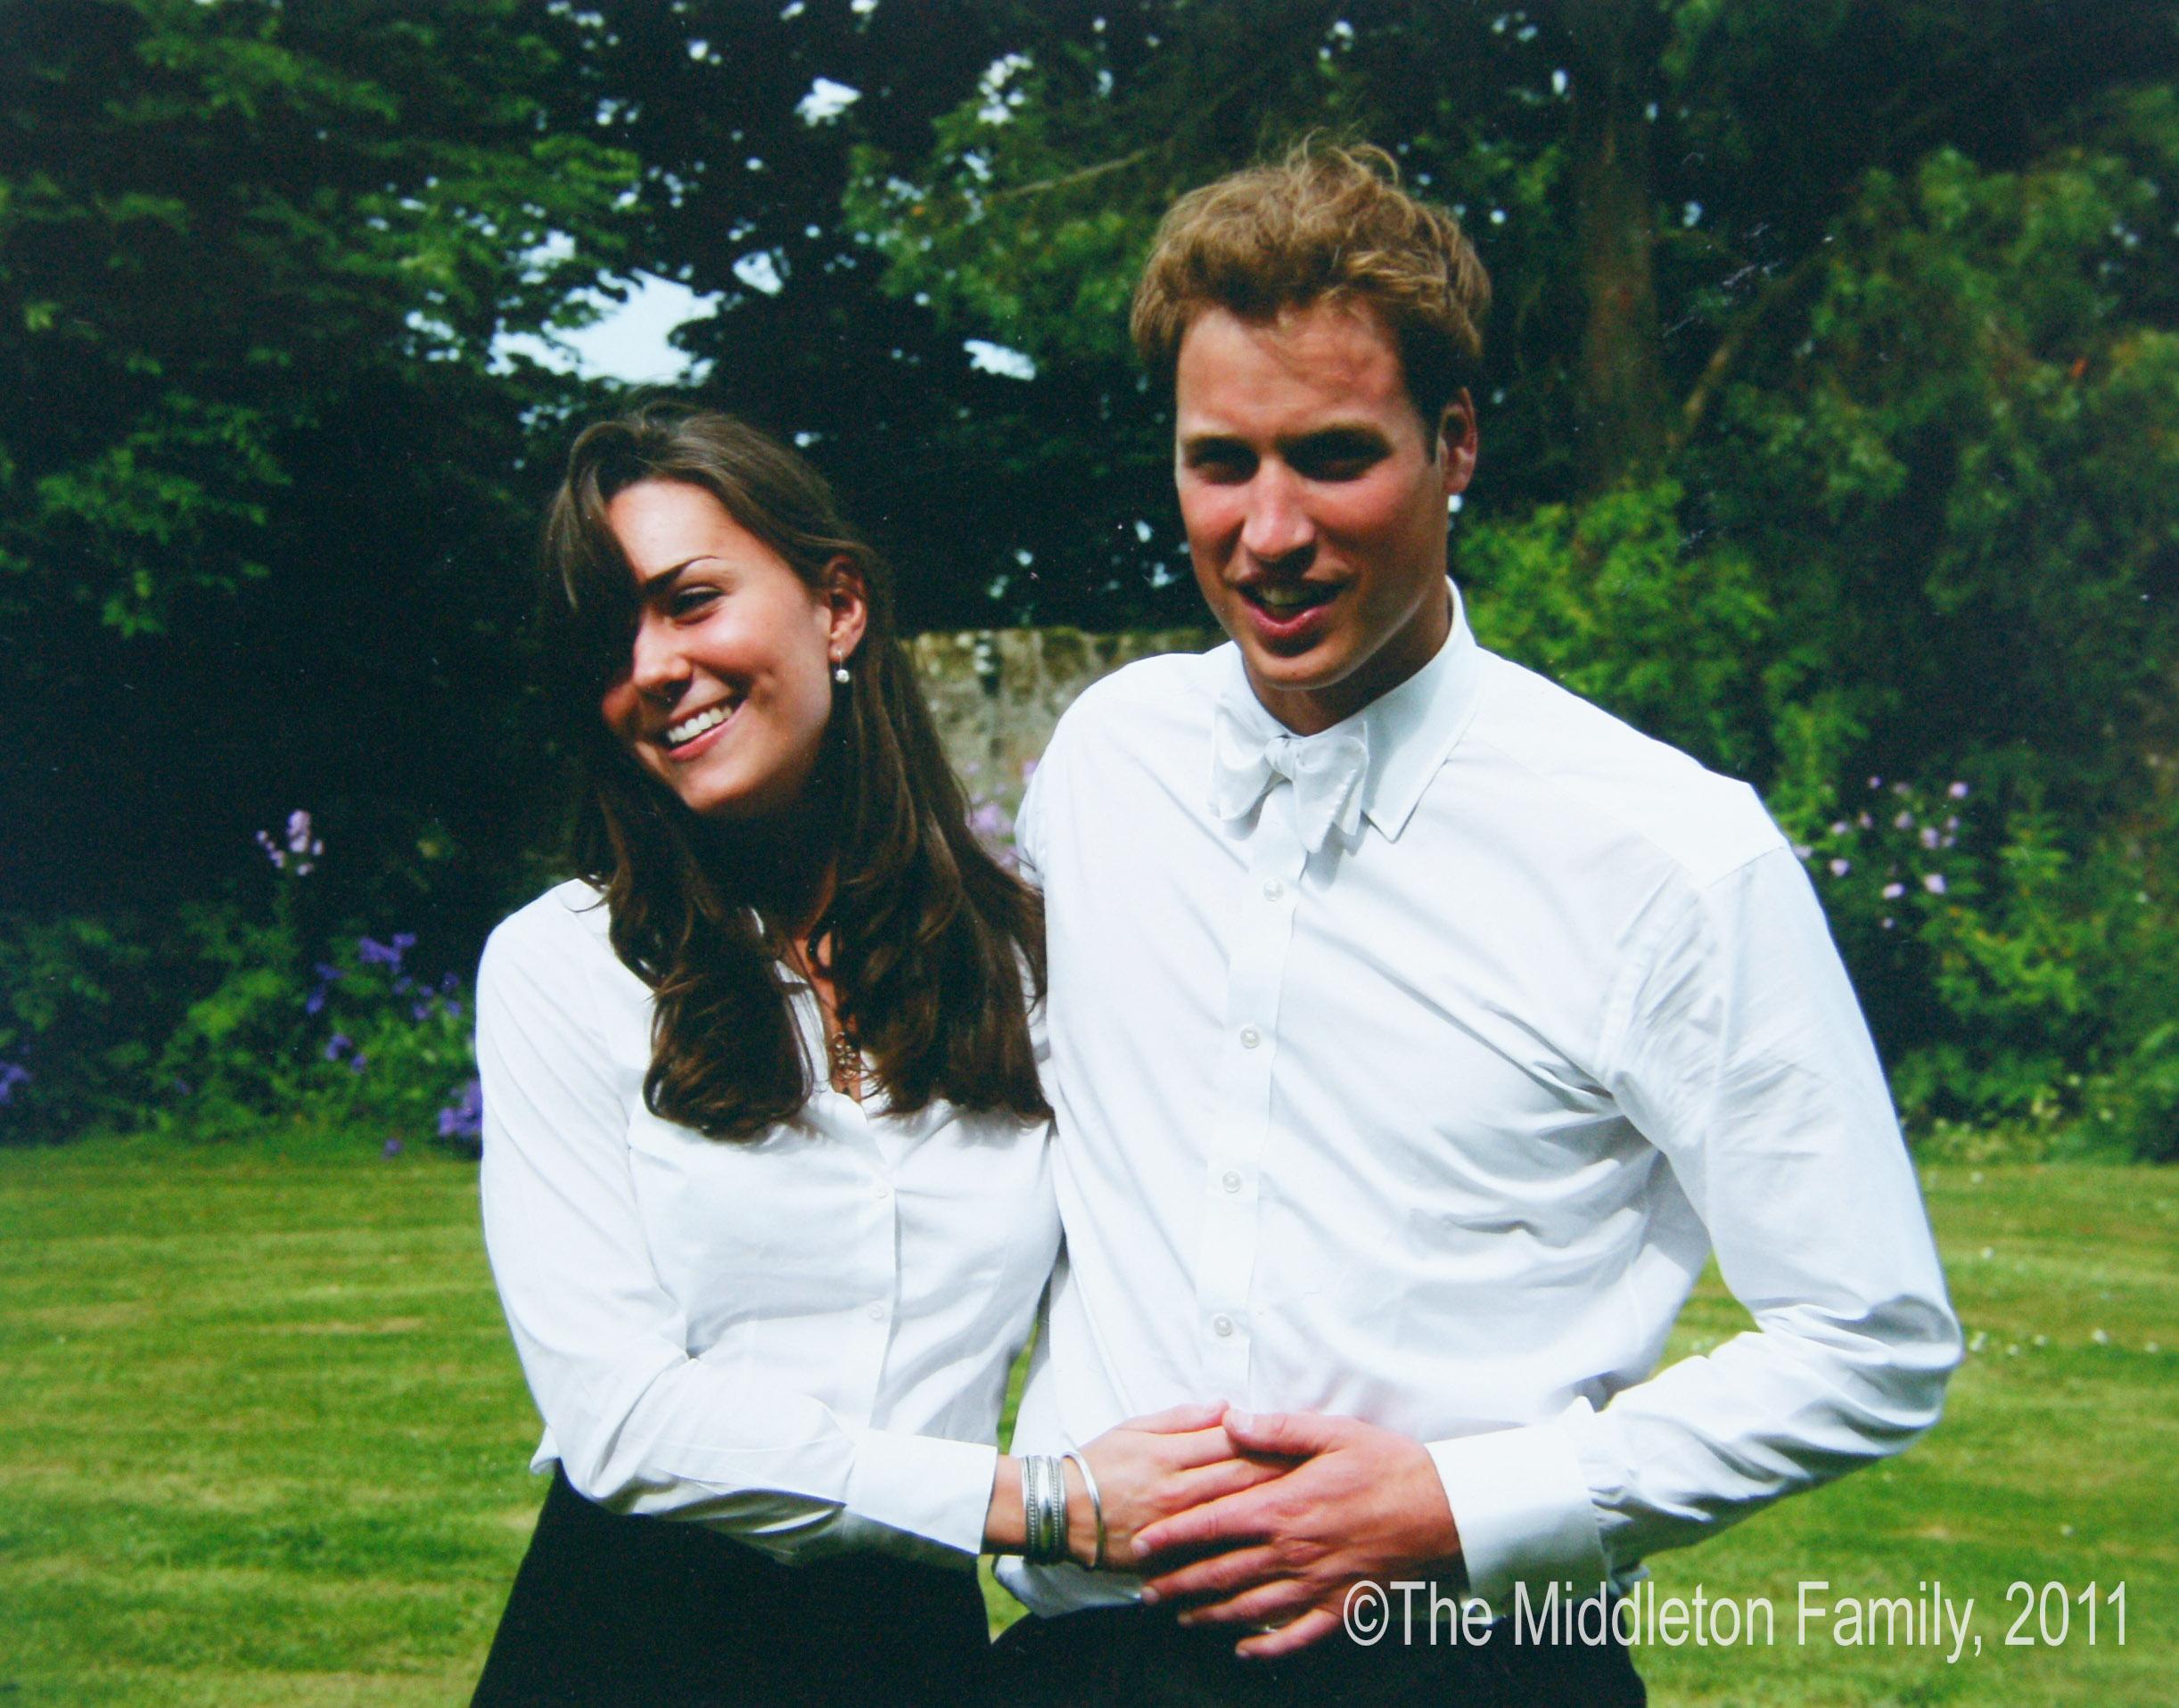 """Предопределена съдба<br /> Колежът """"Сейнт Андрюс"""", в който учат Уилям и Кейт, има славата на място, където много млади хора намират своята половинка. А след години узаконяват връзката си. Така че, погледнато отвъд светското, бракът на херцога и херцогинята е просто част от една любопитна статистика."""